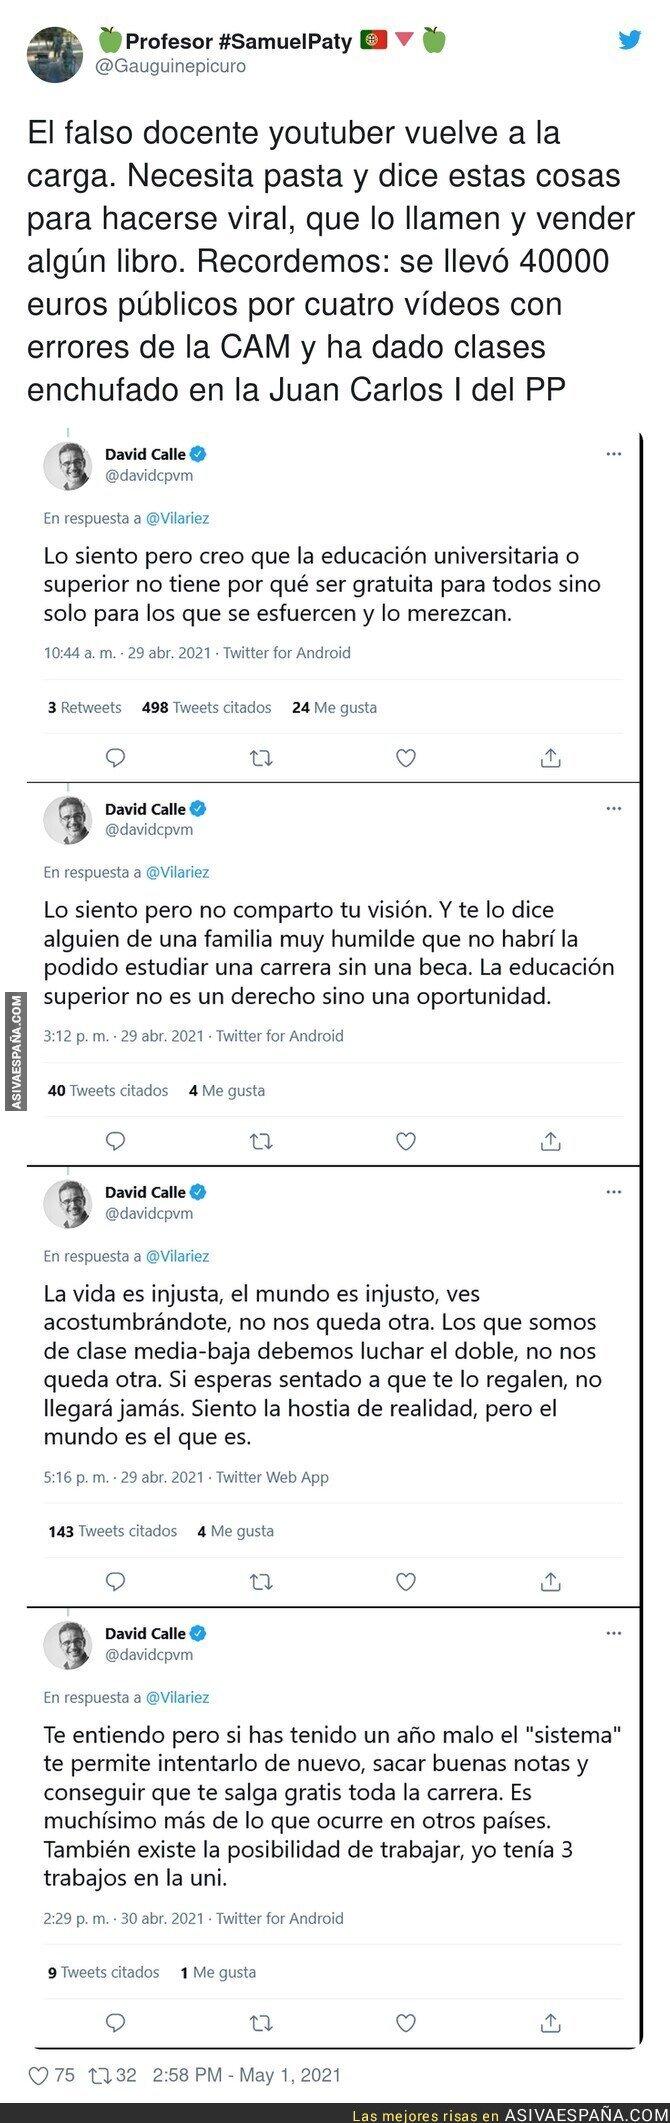 733696 - Los polémicos tuits sobre educación del youtuber David Calle